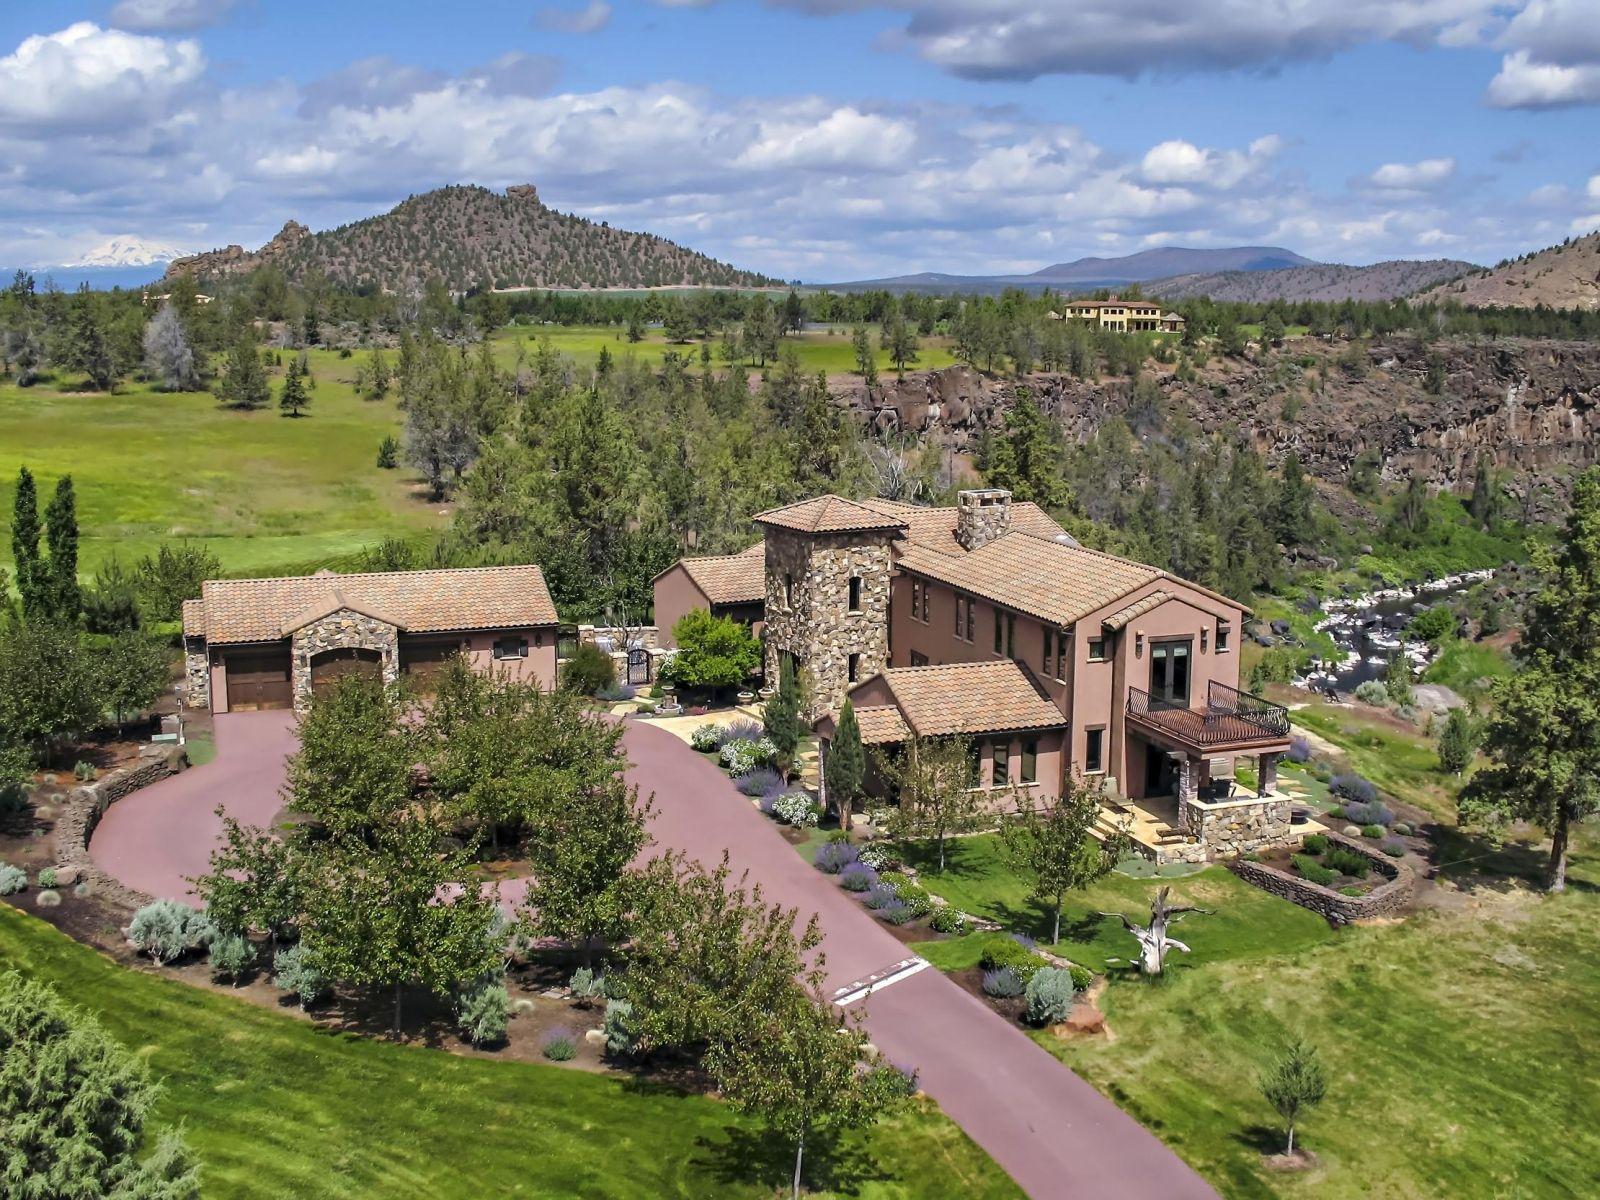 独户住宅 为 销售 在 Ranch at the Canyons 10650 NE Canyons Ranch Dr Terrebonne, 俄勒冈州 97760 美国